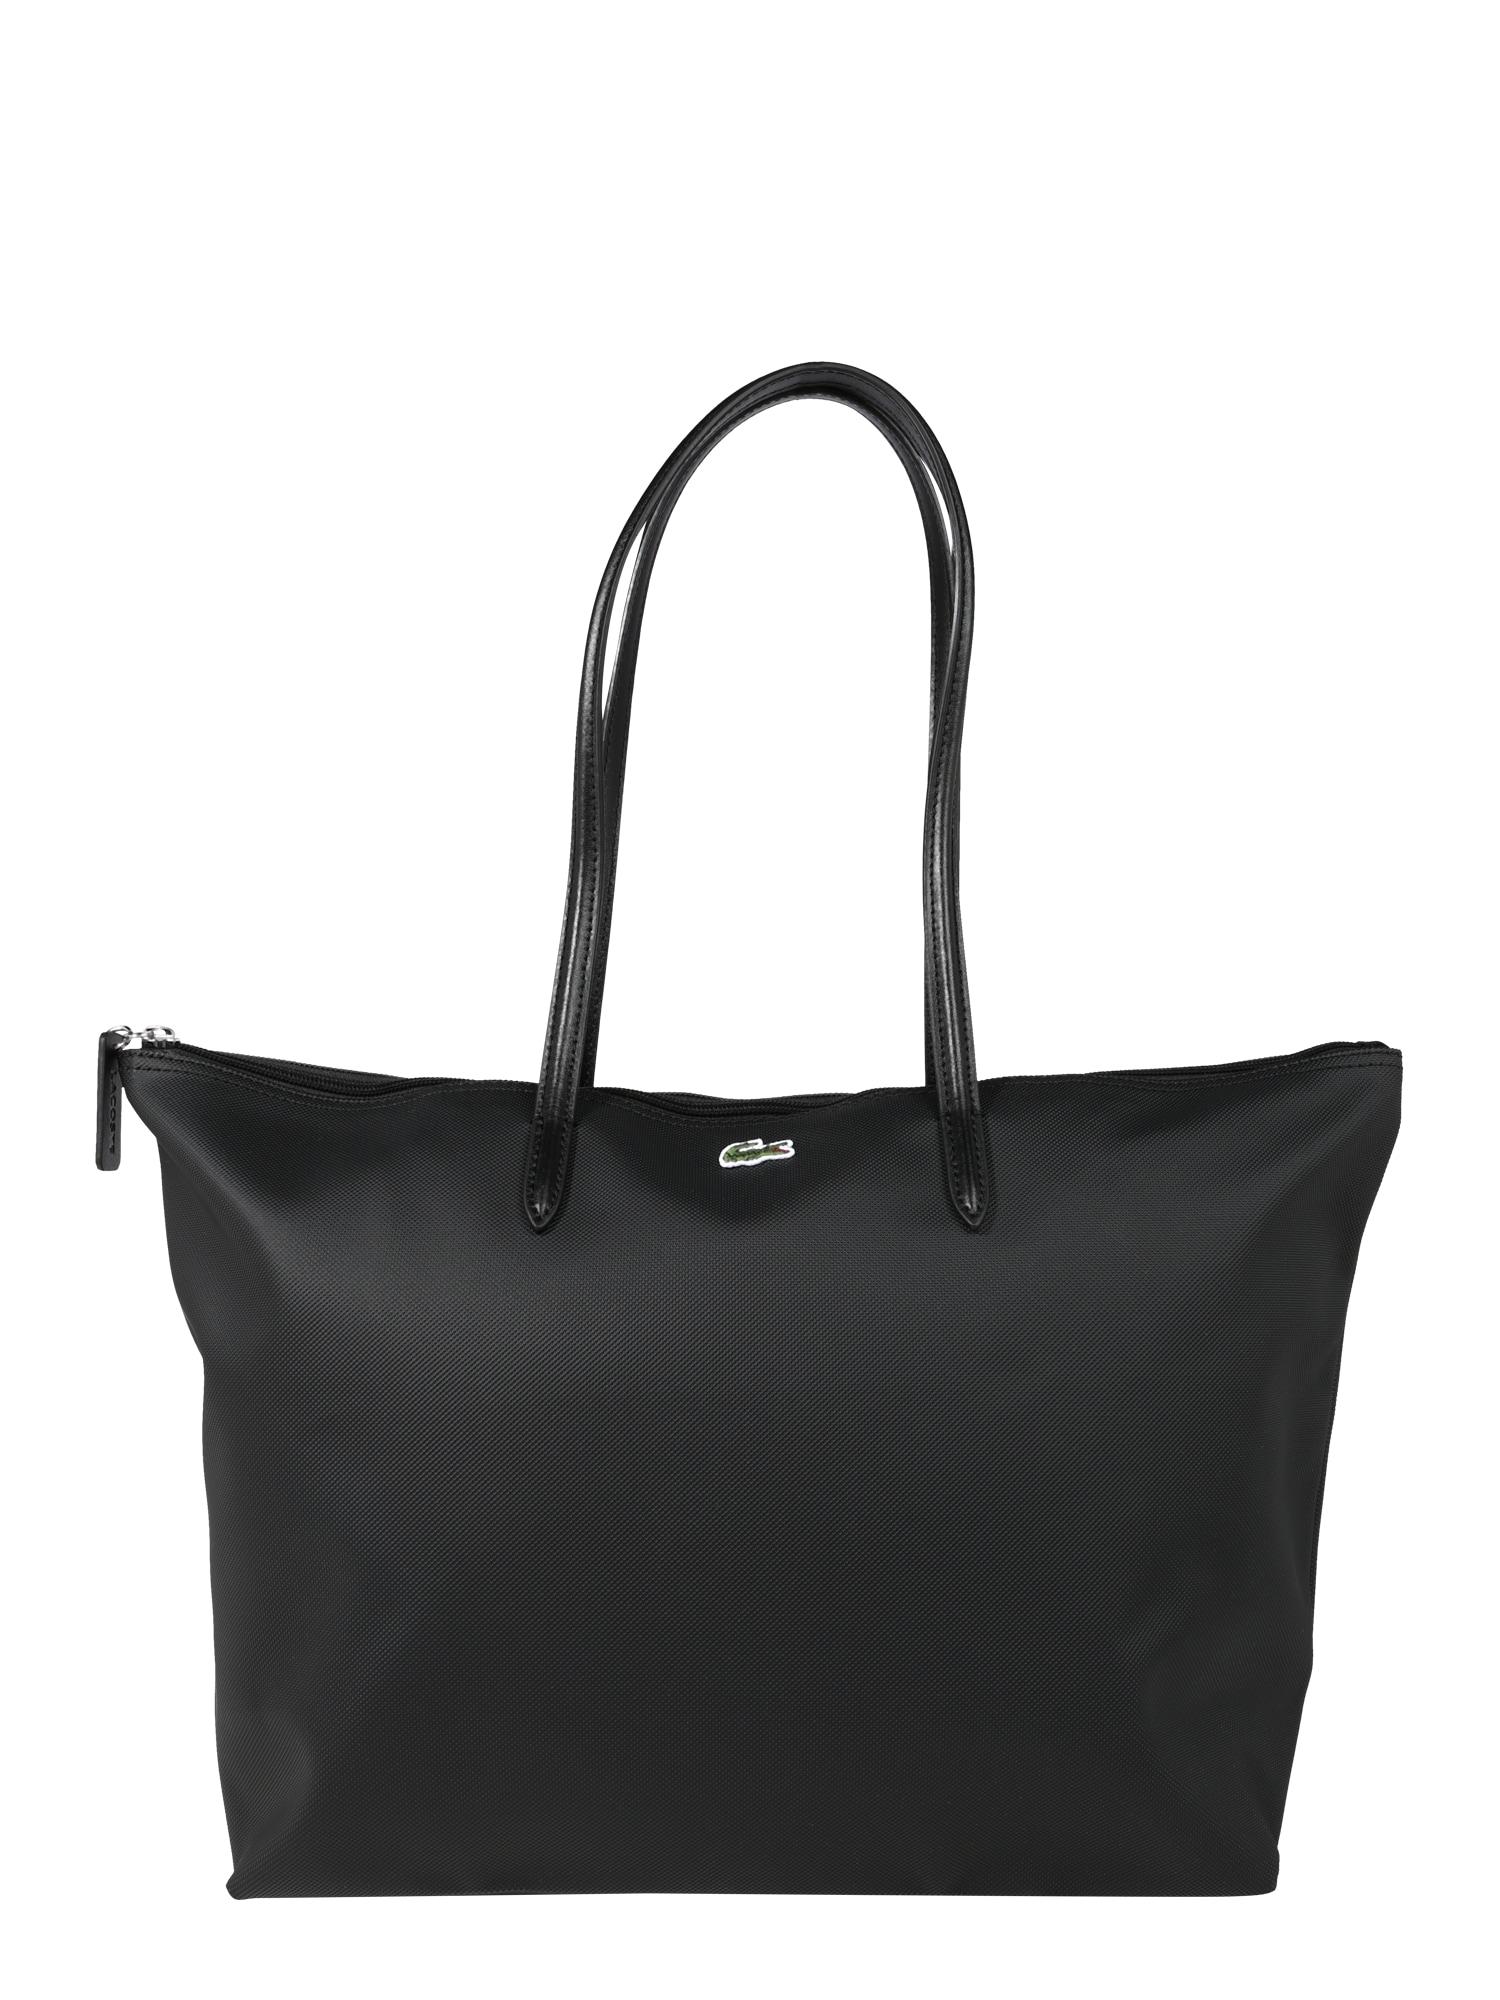 LACOSTE Pirkinių krepšys juoda